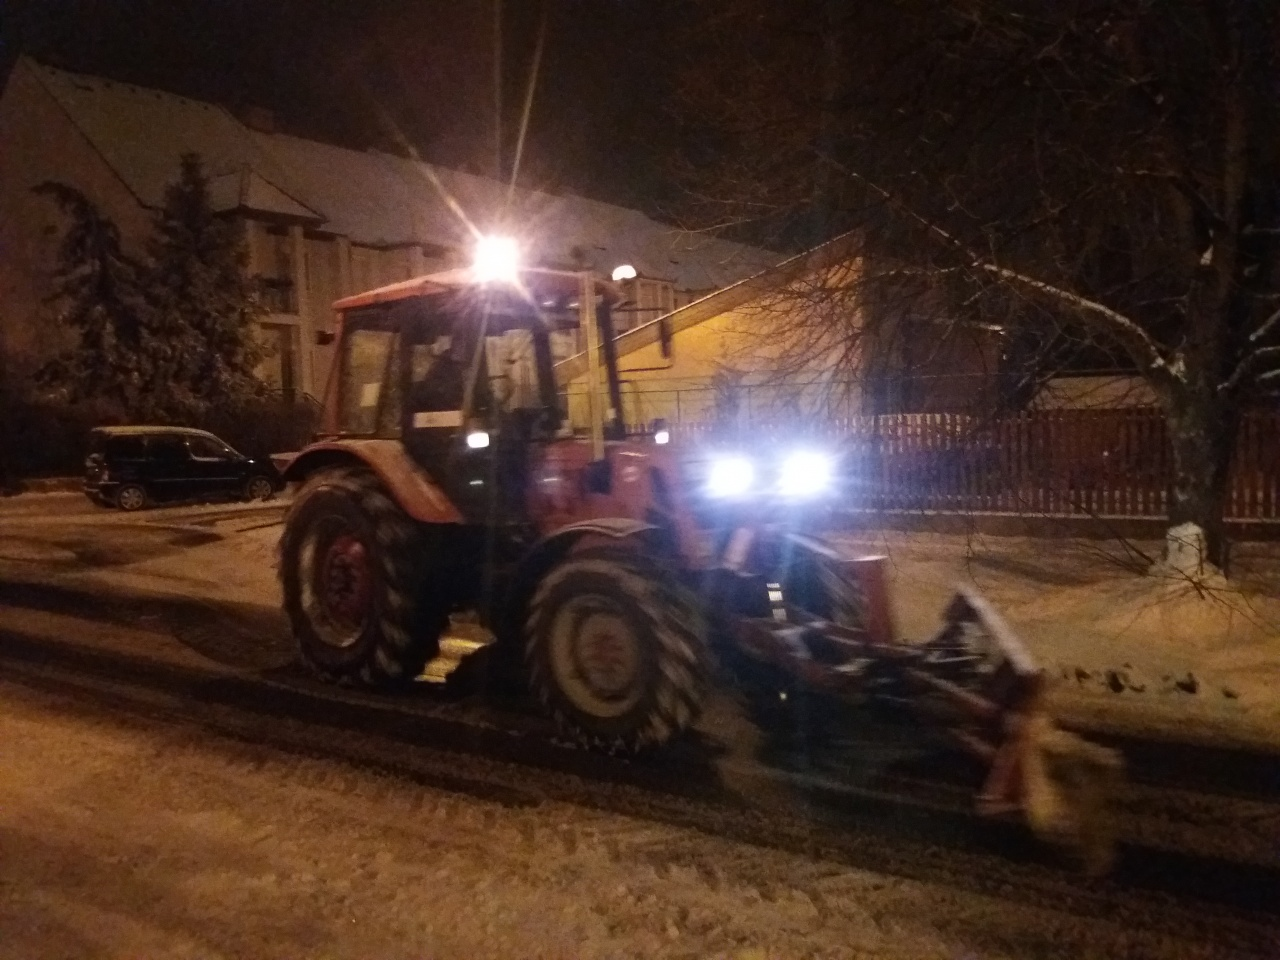 Olvasói fotók a nyíregyházi hóhelyzetről – Már a mellékutakon is járnak a hótolók